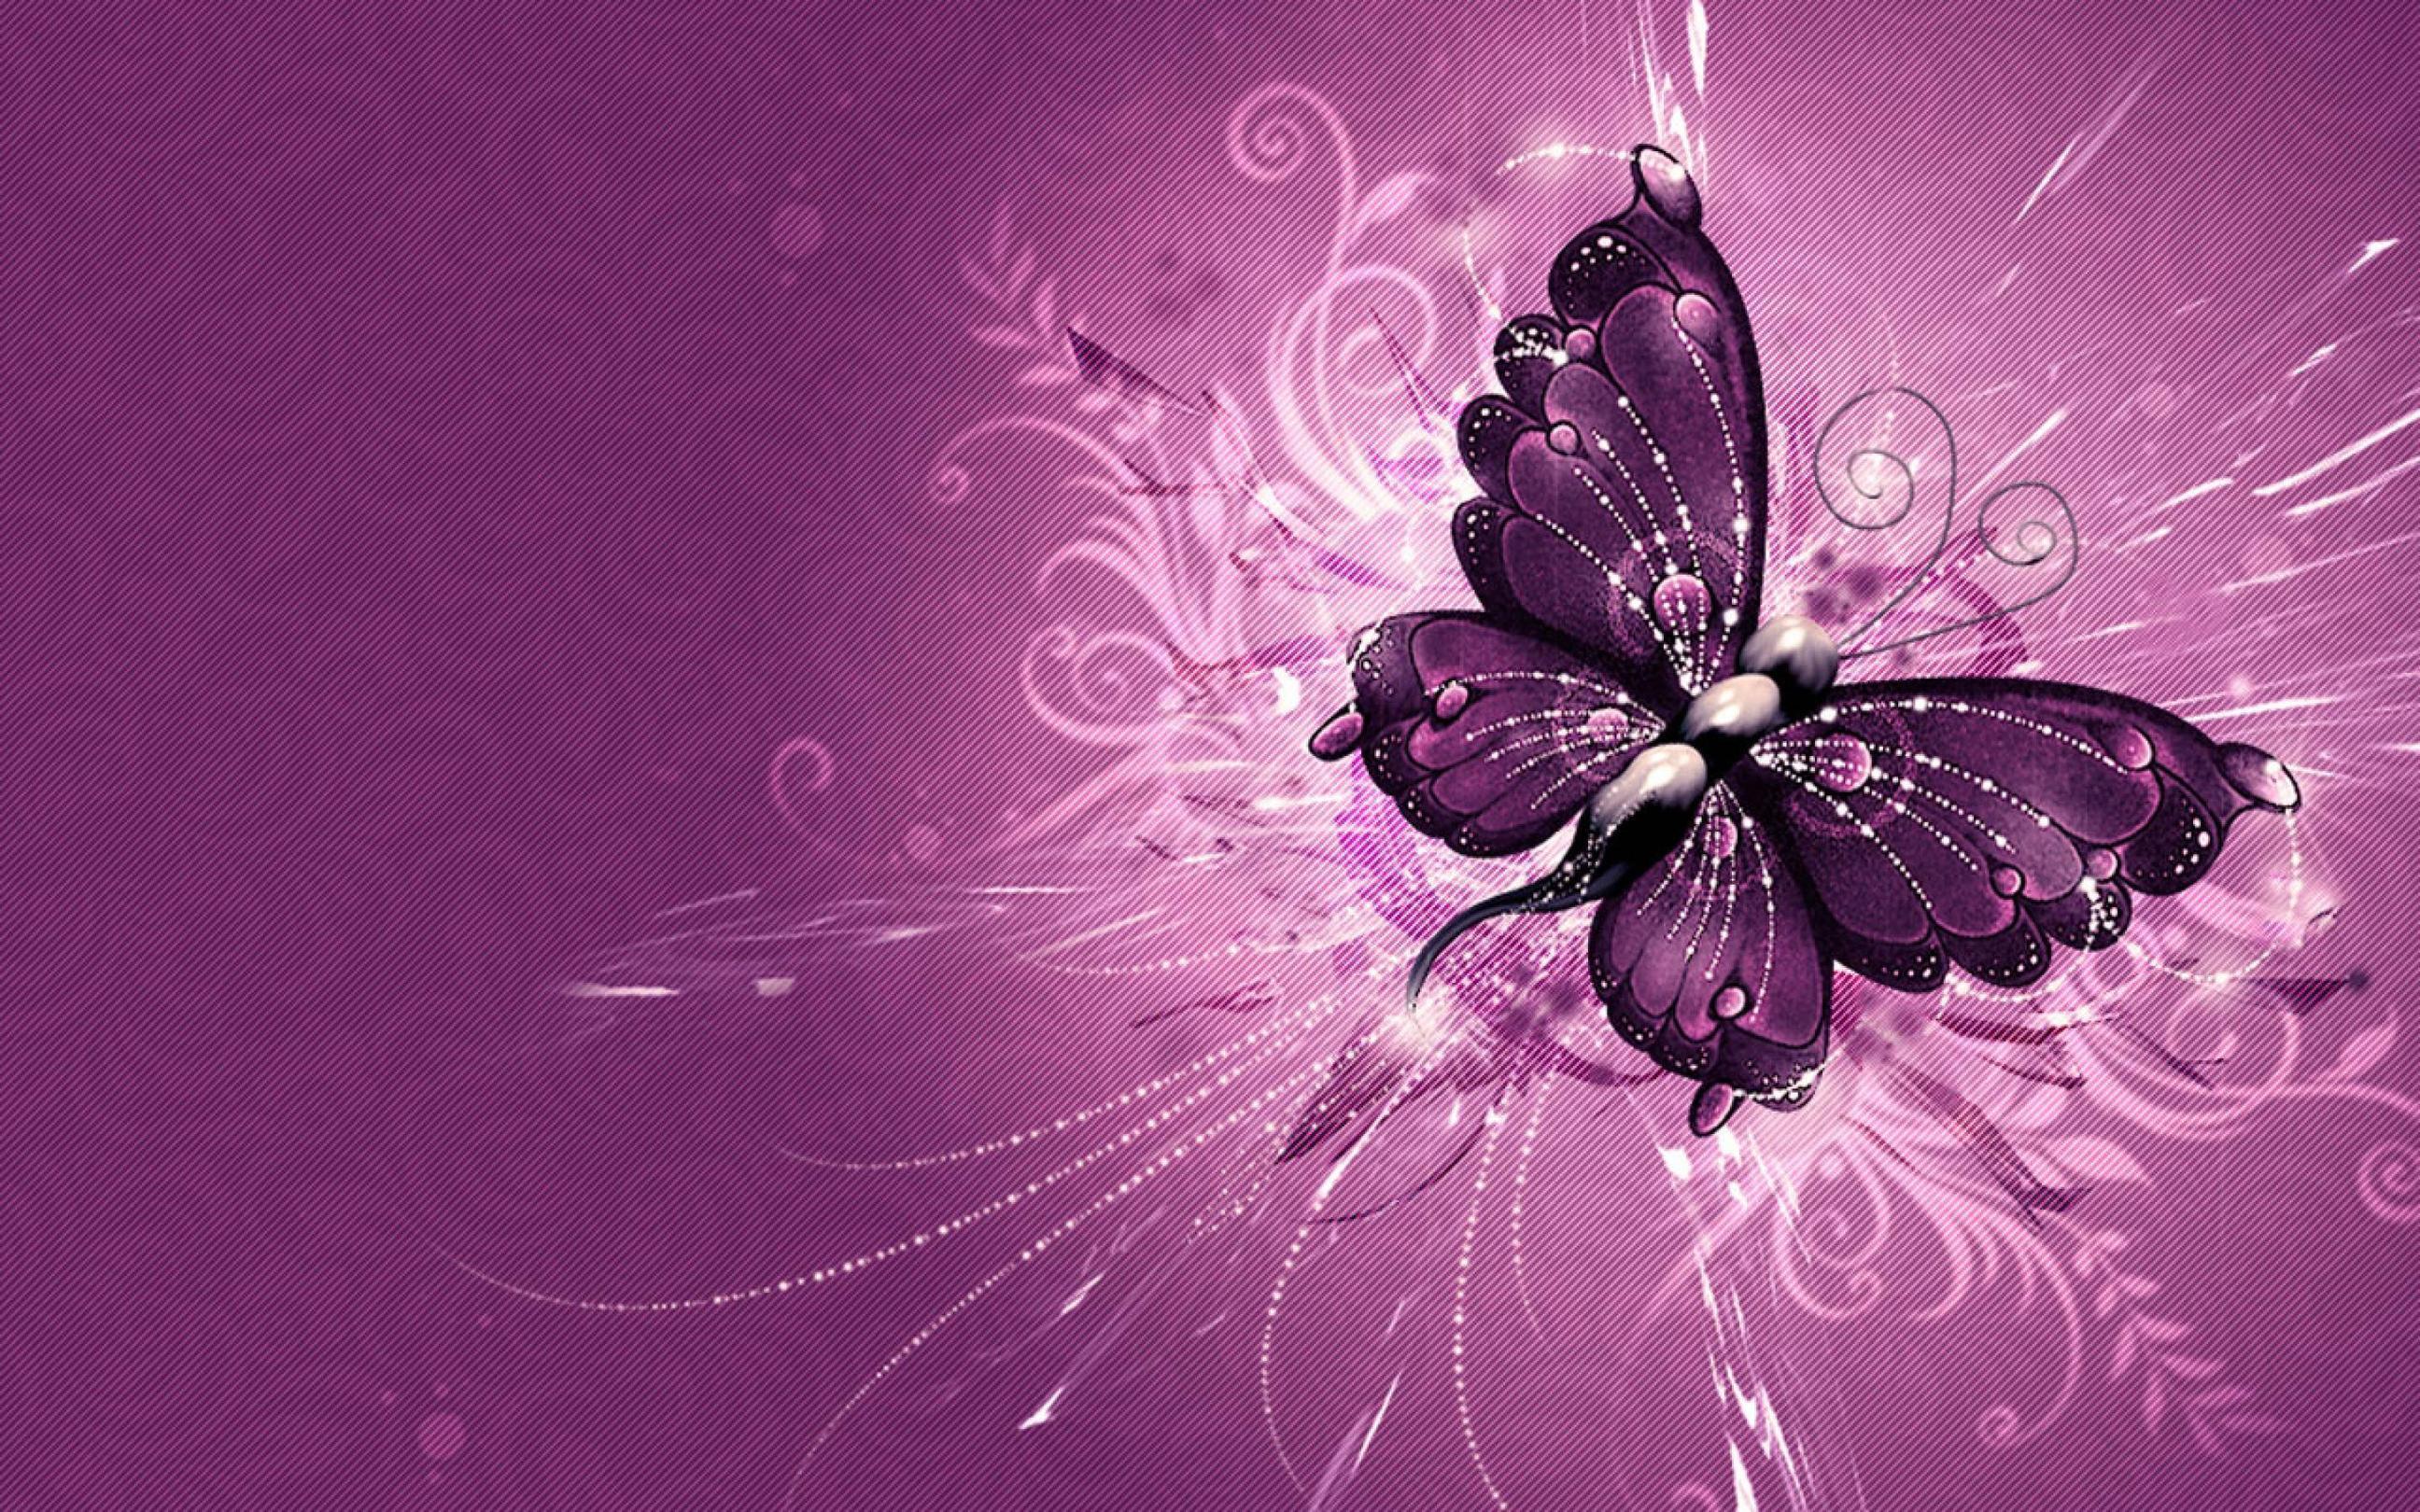 Wallpapers butterflies wallpaper cave for Butterfly wallpaper